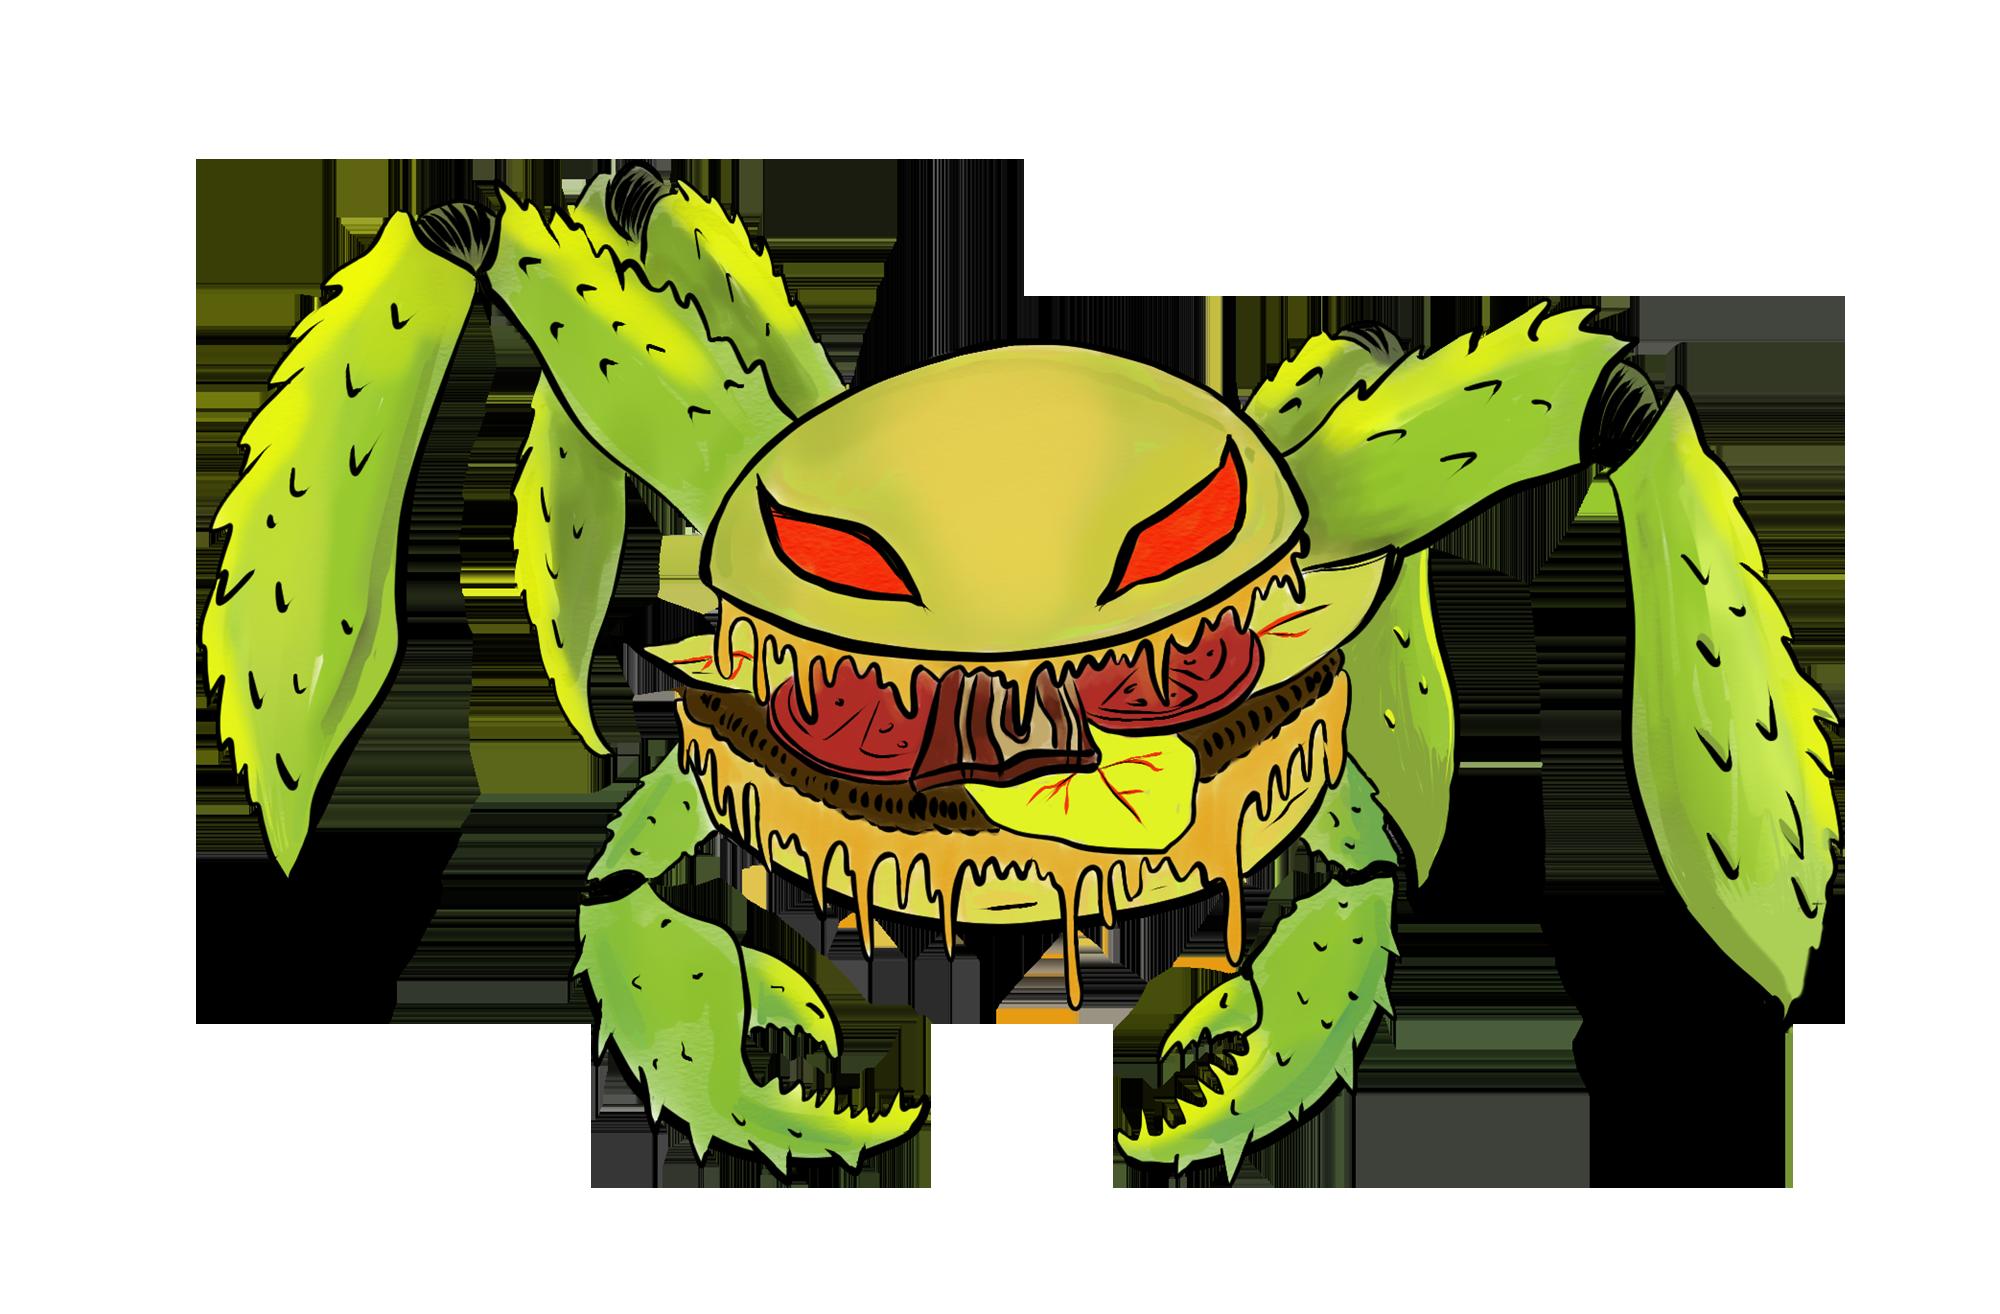 Illustration of a hamburger monster